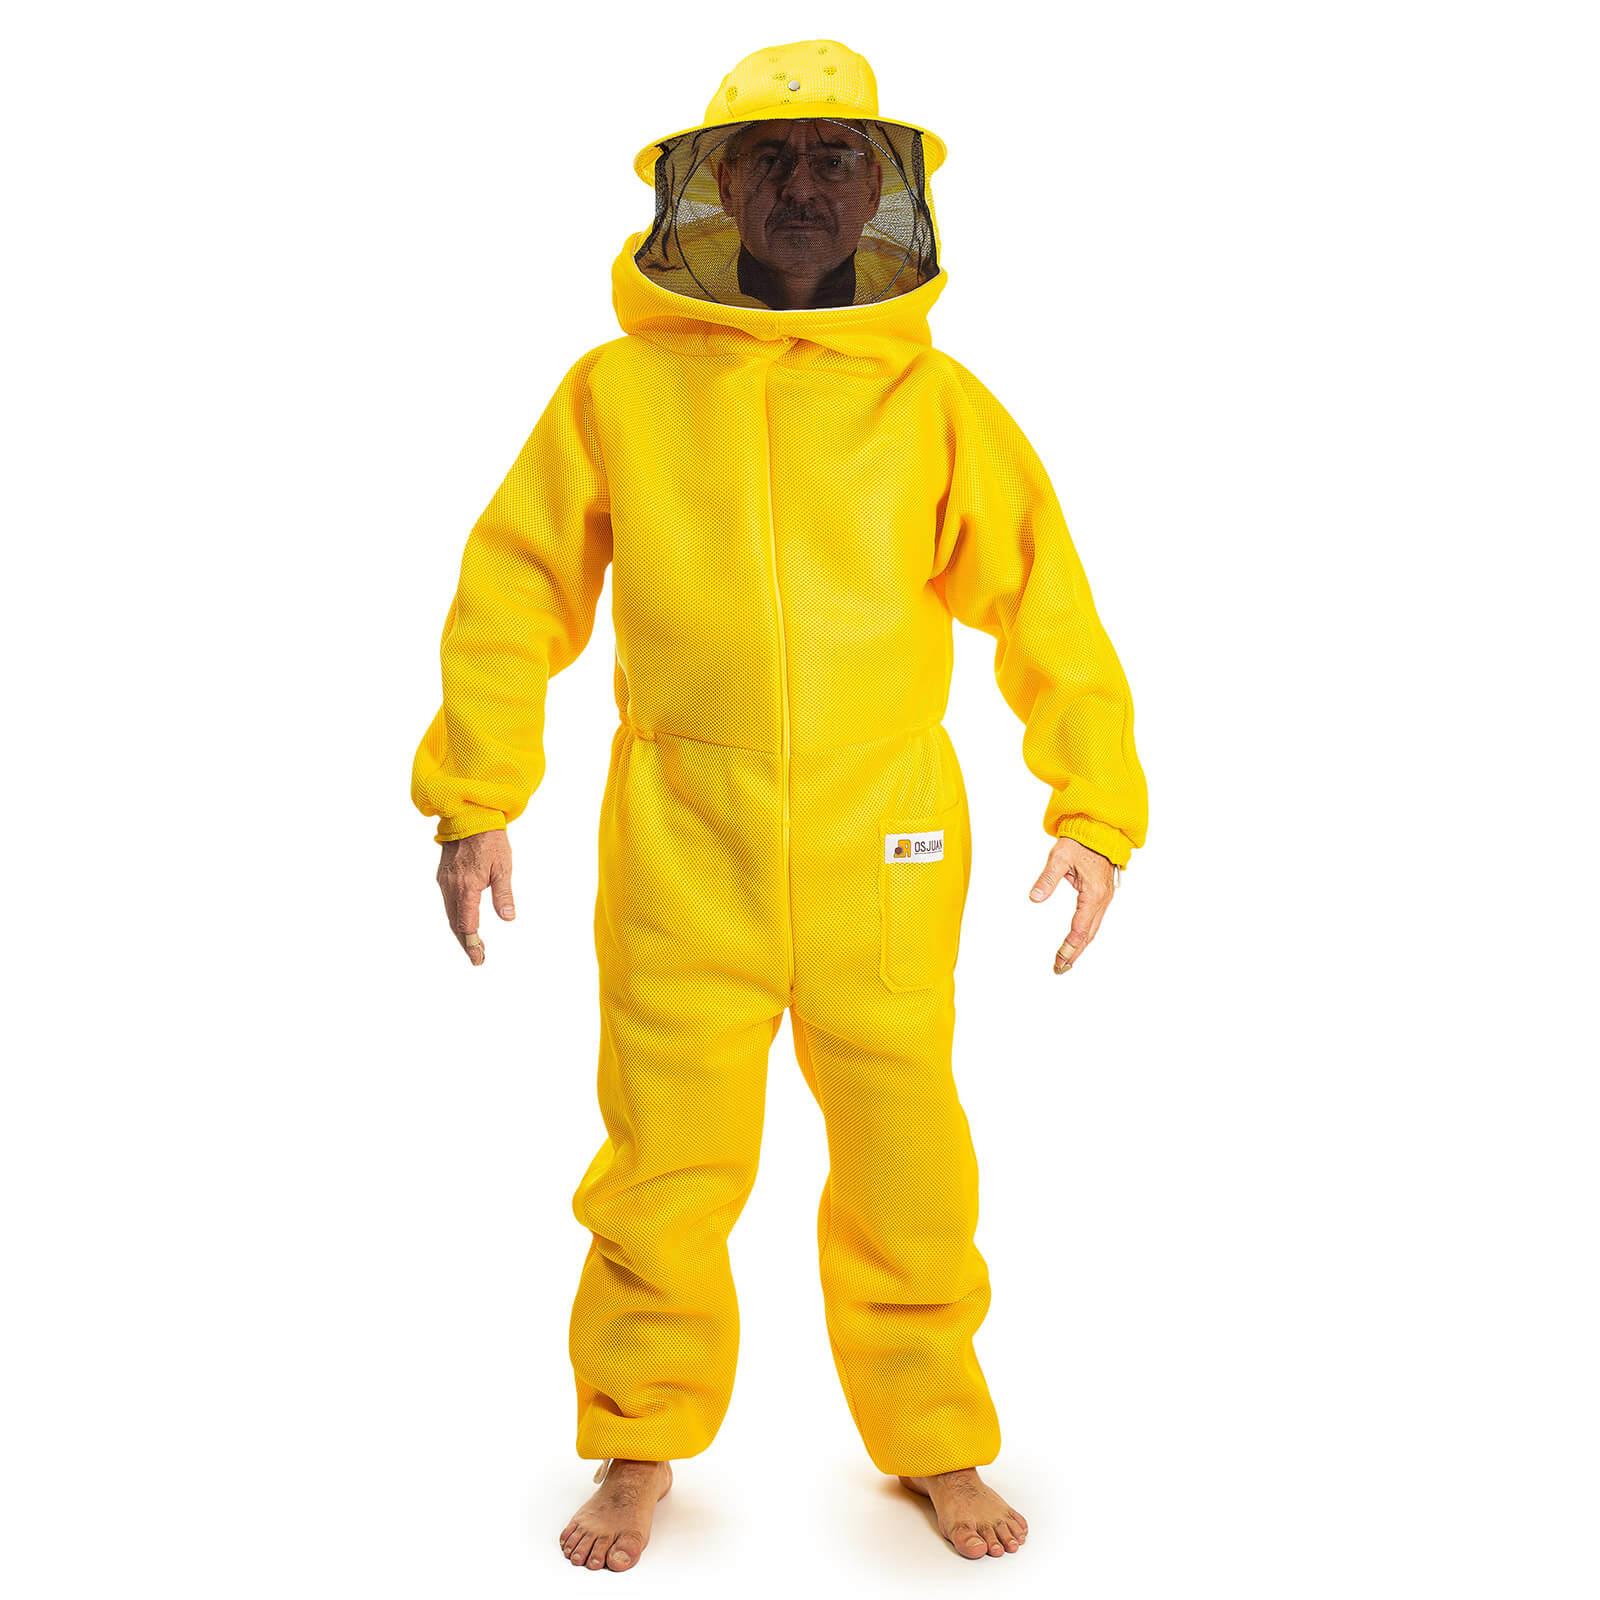 Macacão para apicultura em malha livre amarelo com máscara destacável e tela preta